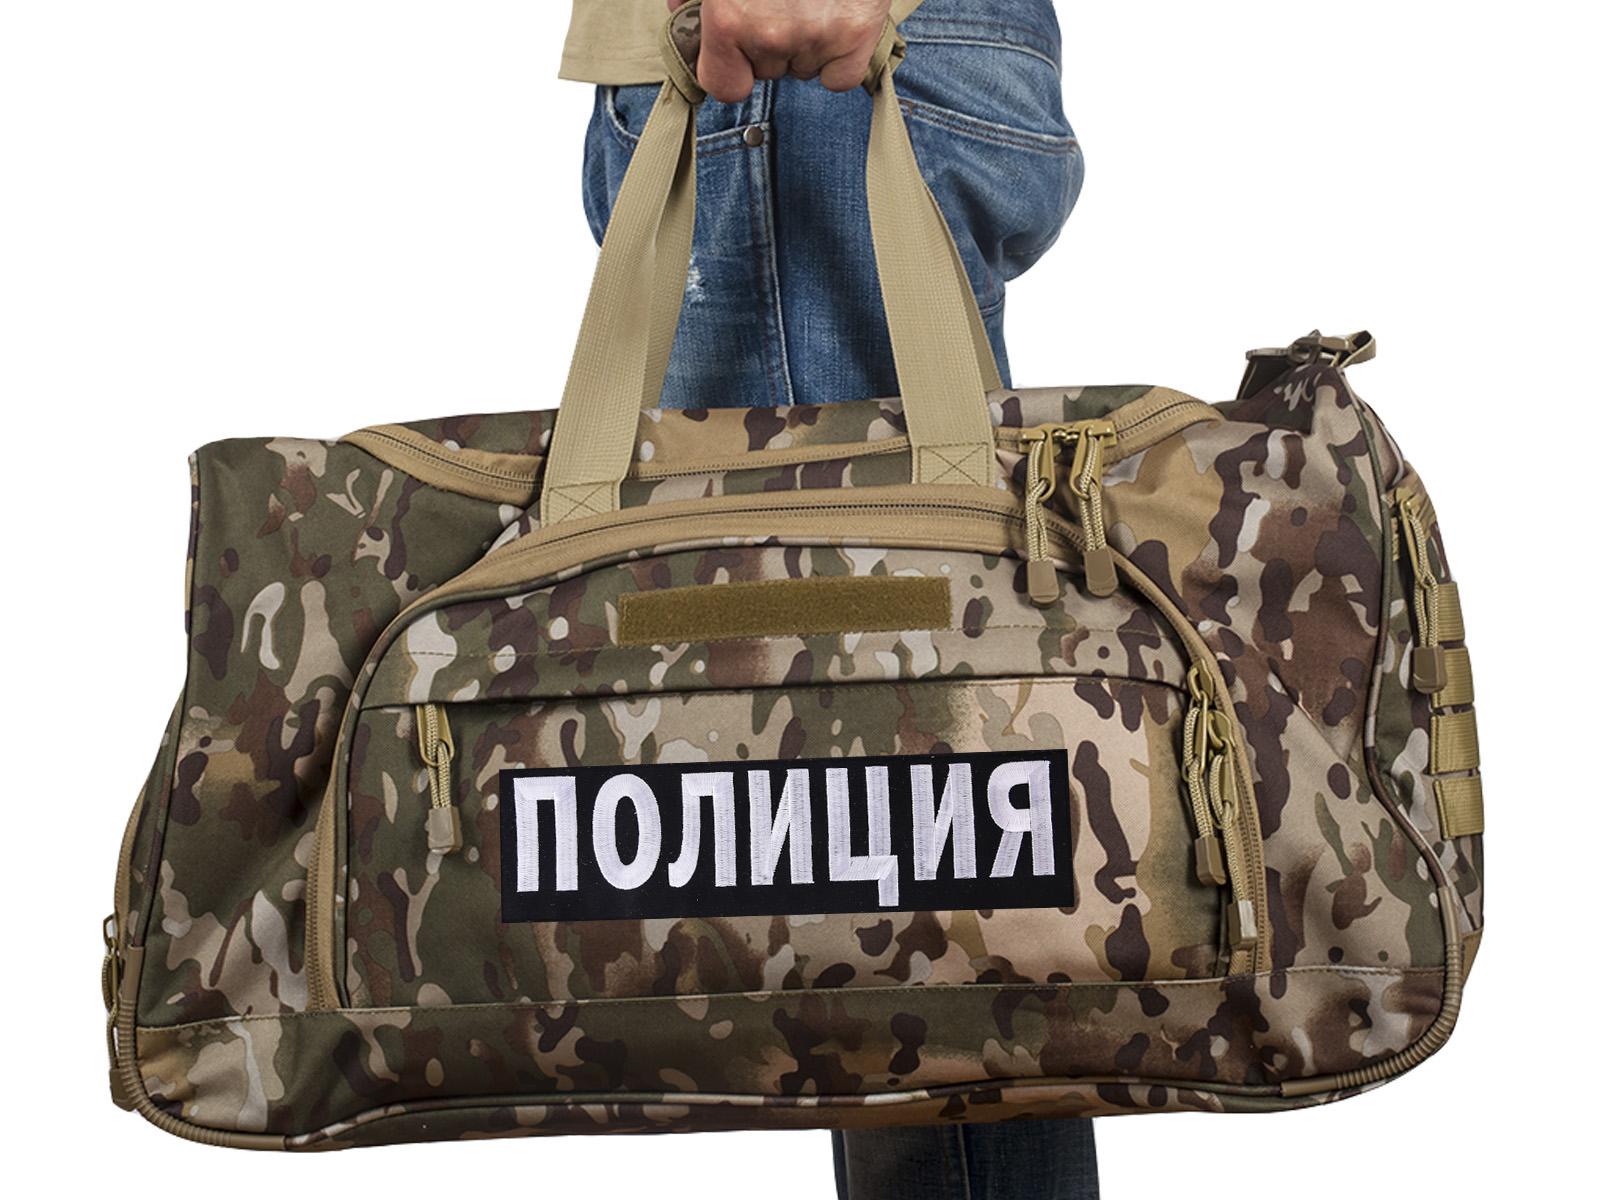 Купить мужскую военную сумку Полиция, код 08032B с доставкой онлайн